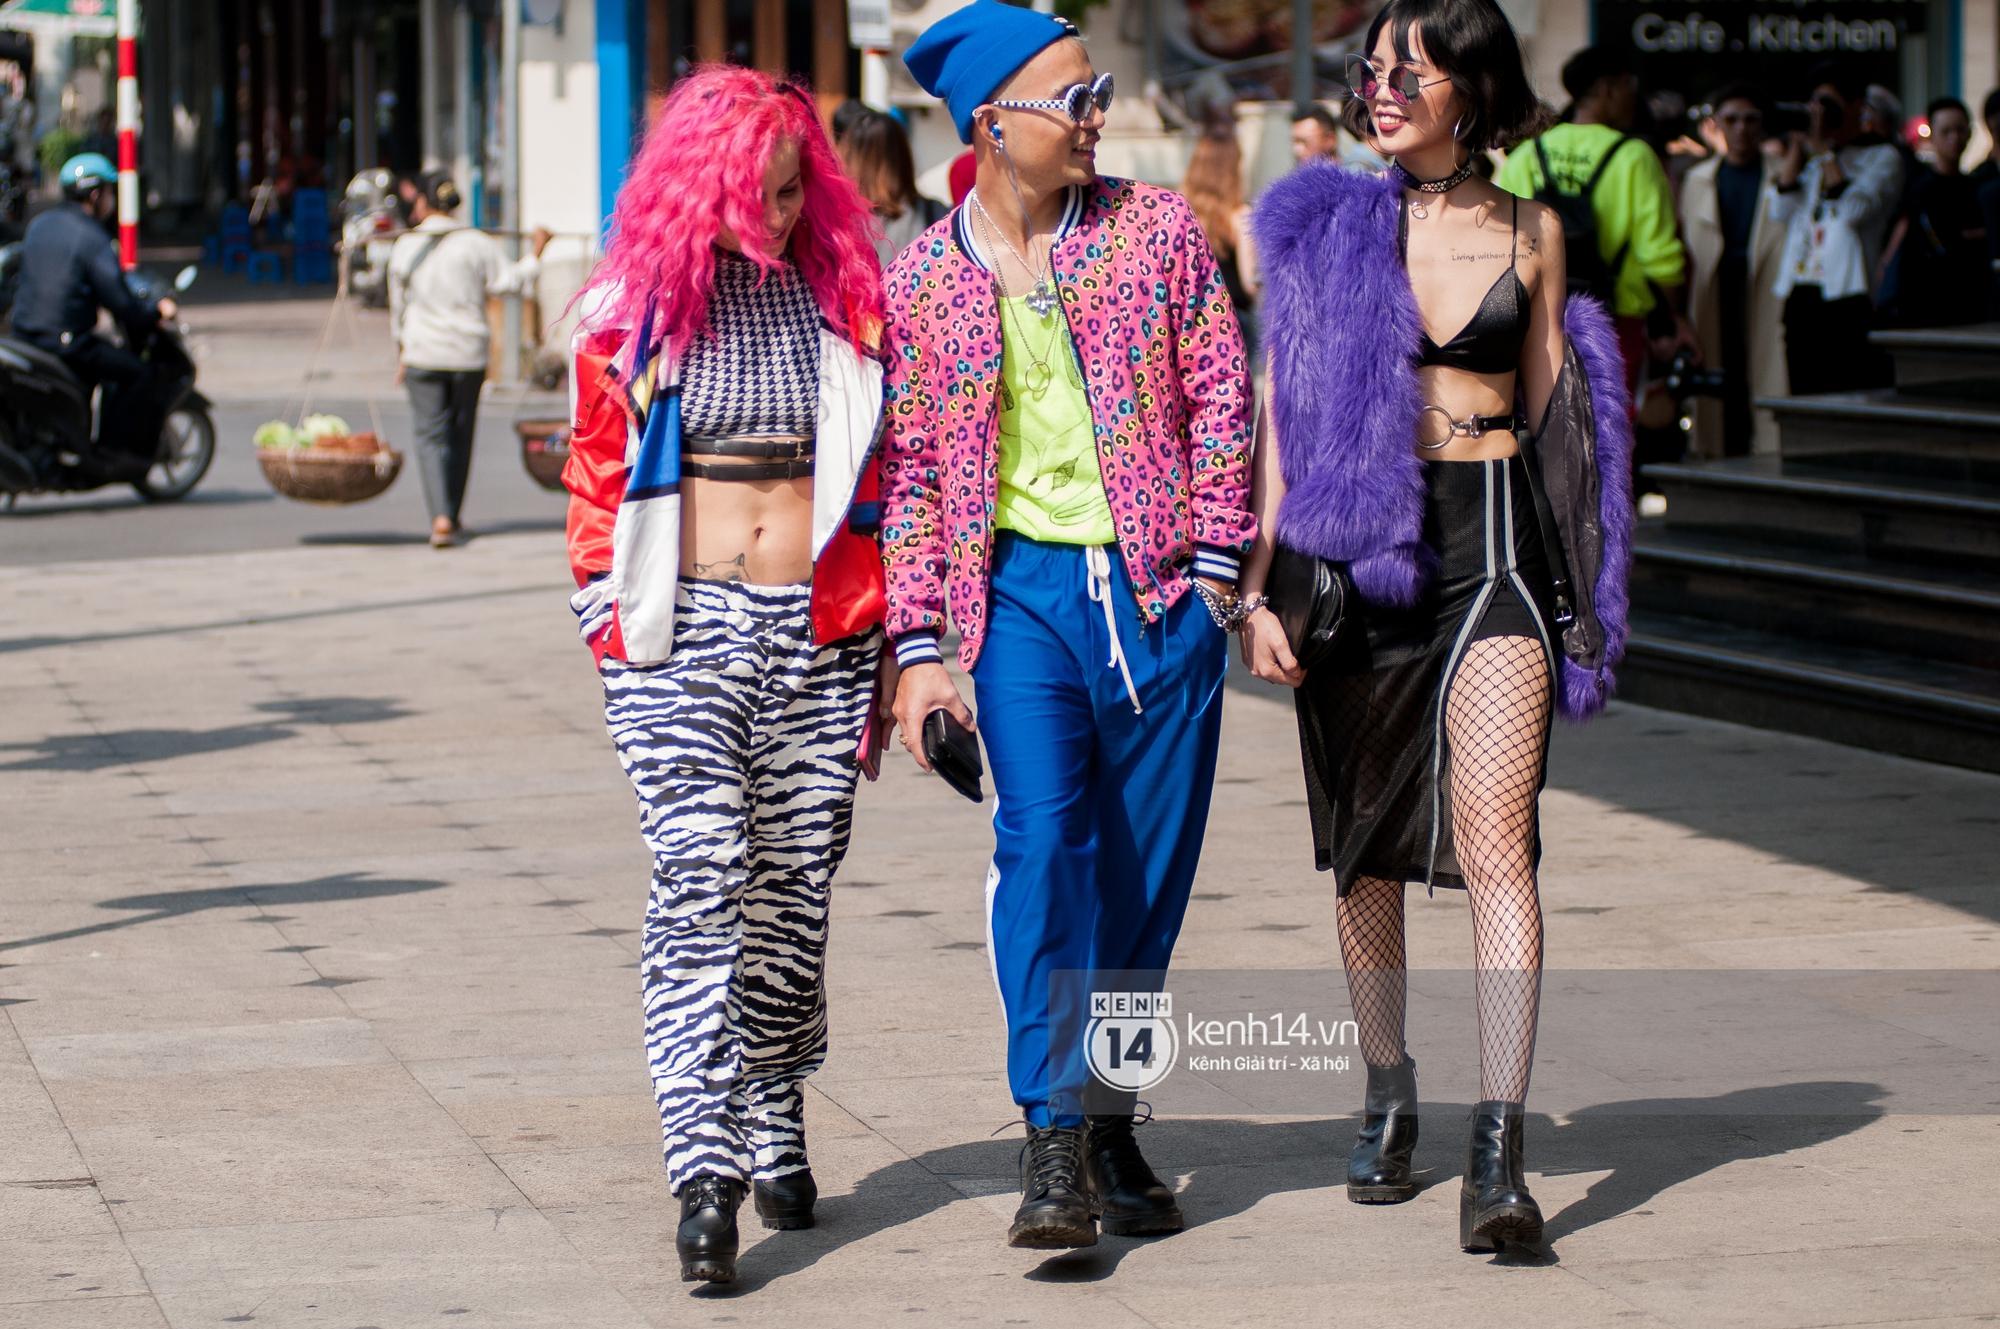 Street style ngày 2 VIFW: Dàn mẫu danh tiếng nhập cuộc, giới trẻ Hà thành thi nhau khoe phong cách dị cùng loạt màu tóc nổi bần bật - Ảnh 19.